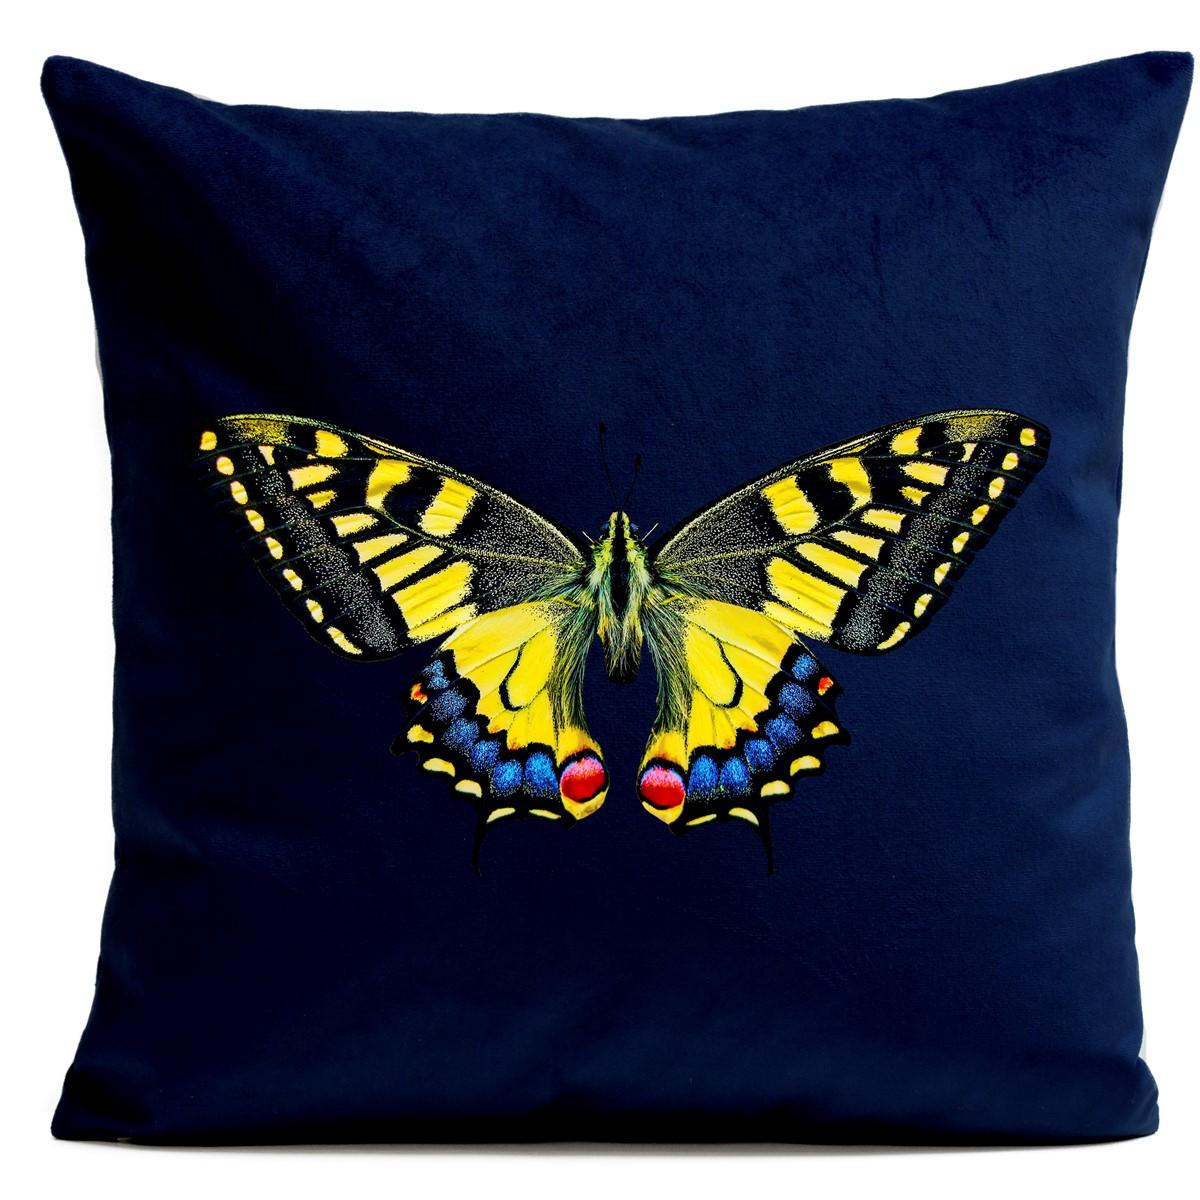 Coussin velours carré imprimé papillons bleu foncé 60x60